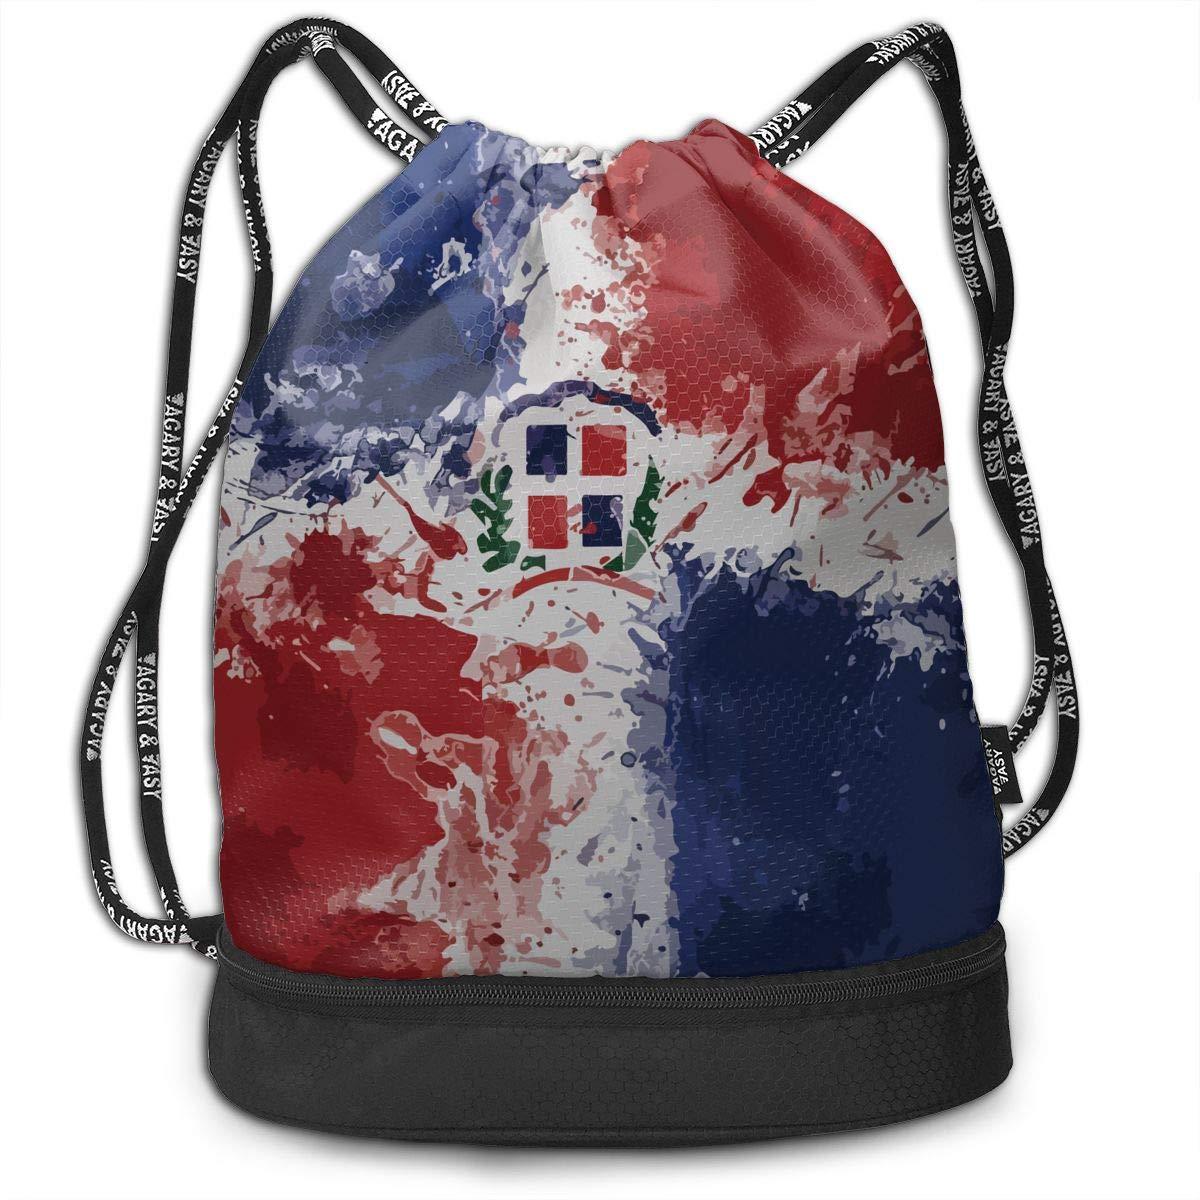 HUOPR5Q Dominican Republic Flag Drawstring Backpack Sport Gym Sack Shoulder Bulk Bag Dance Bag for School Travel